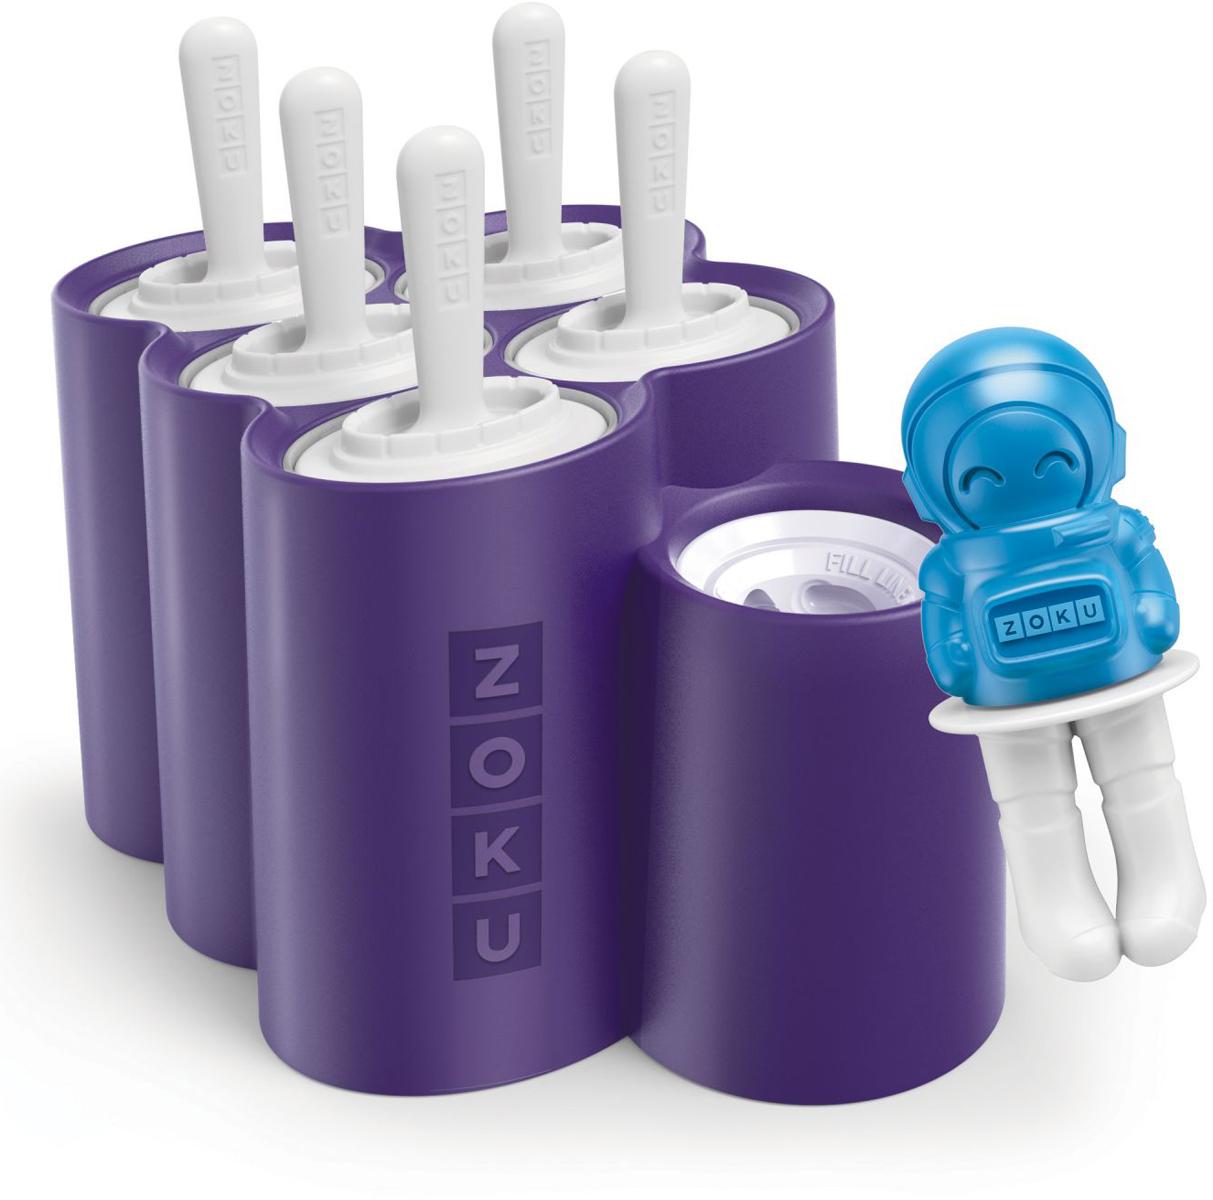 Форма для мороженого Zoku Space, 5 х 60 мл, 1 х 30 мл. ZK124ZK124Форма для мороженого Zoku поможет приготовите лучшие в галактике десерты, используя свои любимые комбинации соков, йогуртов и сладких добавок. Изделия выполнены из полипропилена и силикона. В набор входят общая силиконовая форма-подставка, 5 съемных форм-ракет, 1 форма в виде астронавта и 6 палочек для мороженого. Как её использовать:1. Вставьте съемные пустые формы в силиконовую базу, залейте в них жидкость до отметки и вставьте внутрь палочки.2. Оставьте в морозильной камере на восемь и более часов.3. Когда мороженое готово, вытащите формы из силиконовой базы и подержите под горячей водой в течение минуты. Форма-астронавт легко вынимается без дополнительных процедур. Объем формы-ракеты - 60 мл, астронавта - 30 мл.Форма не содержит вредных примесей и бисфенола-А. Моется вручную.